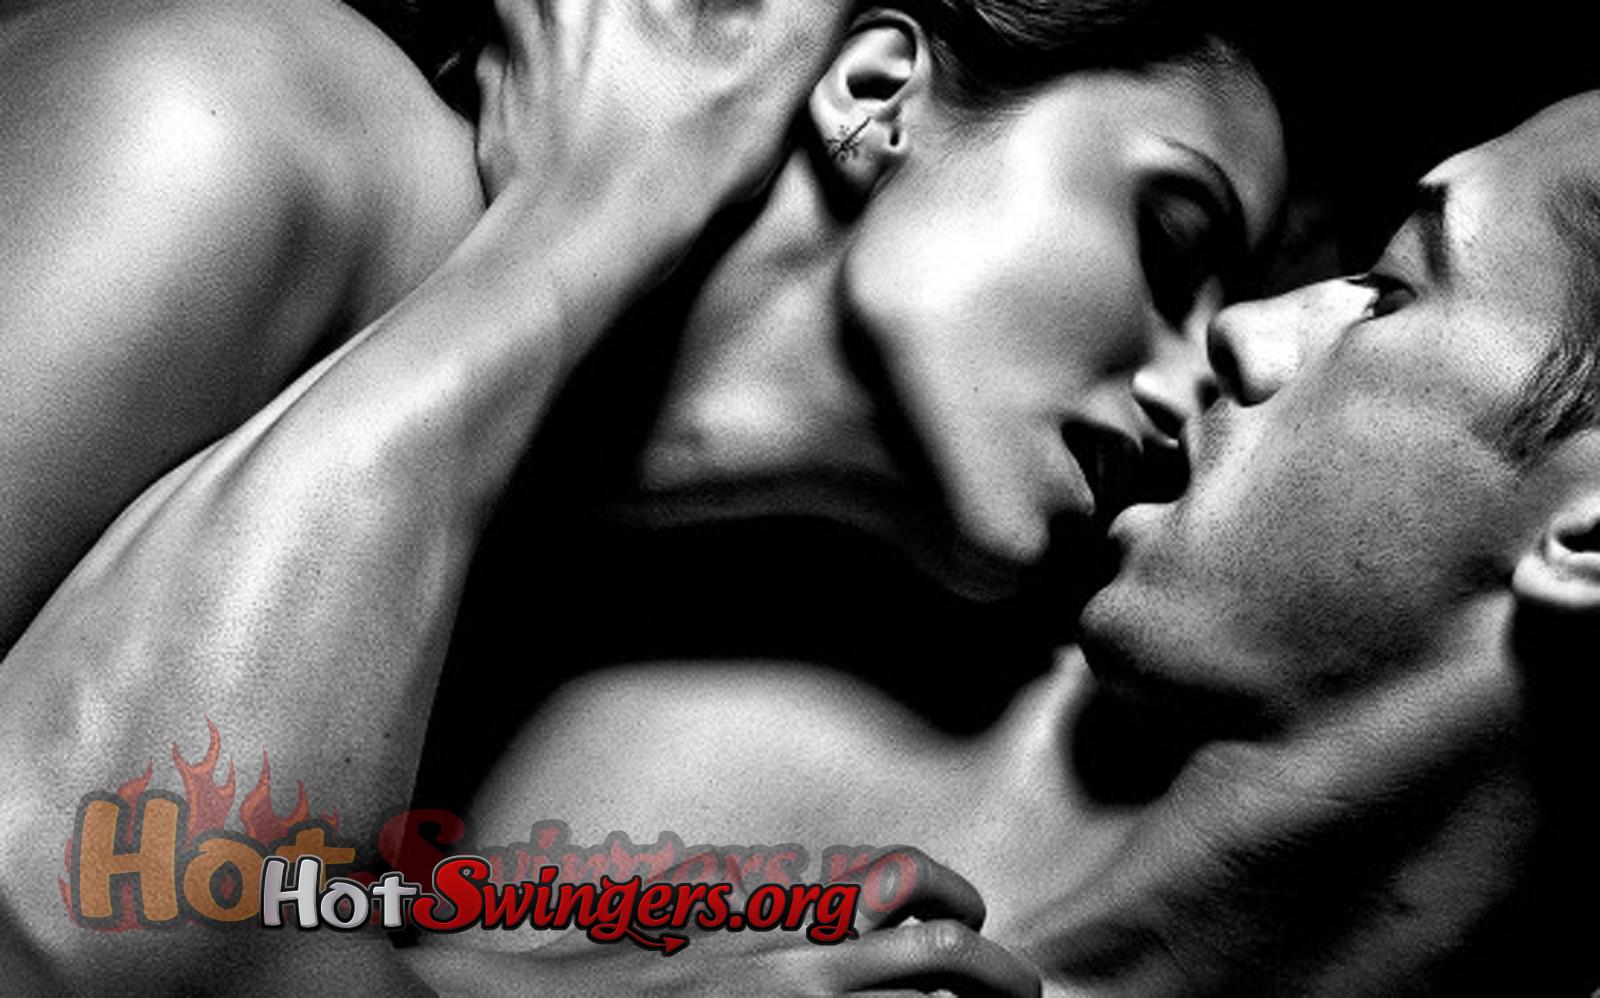 Фото парня и девушки эро, эротический Фотографии, картинки, изображения 11 фотография